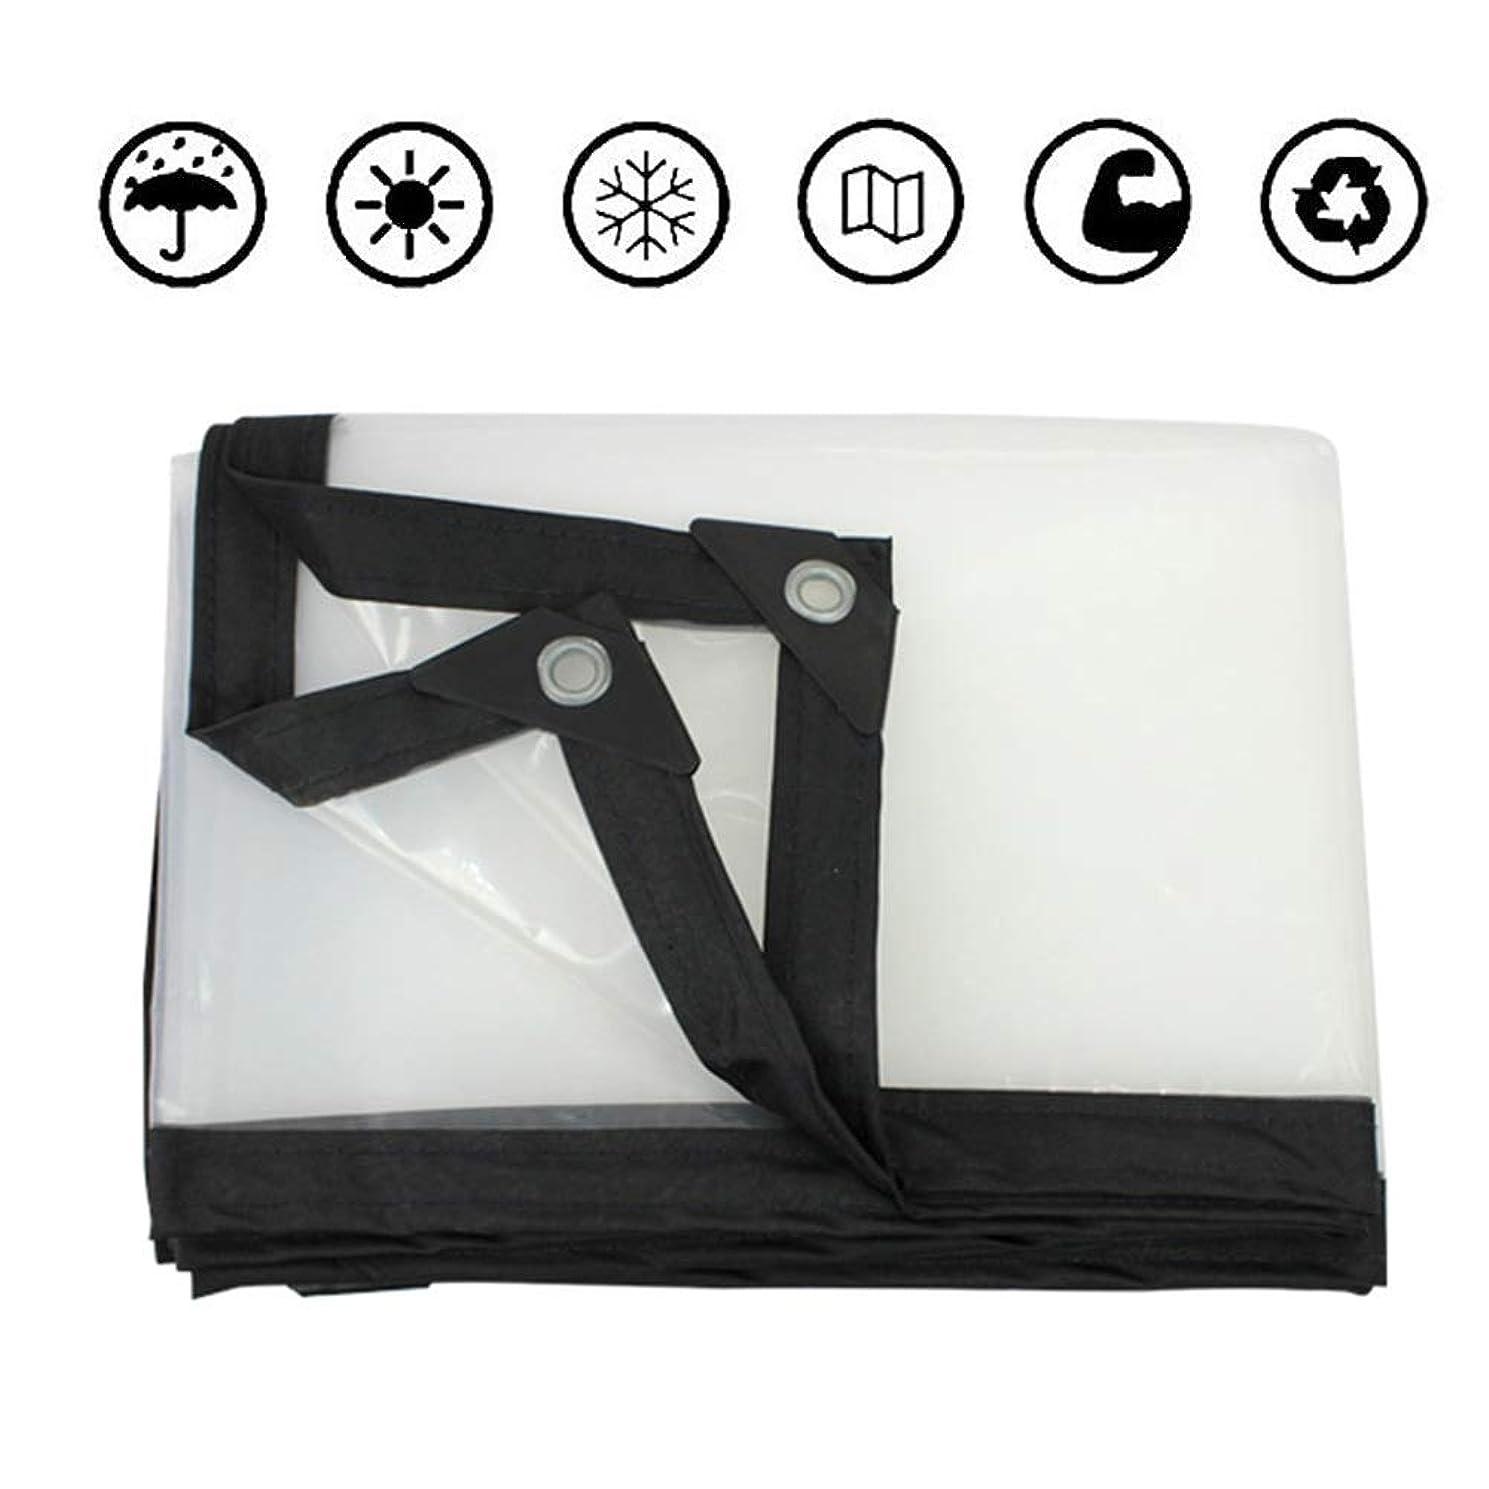 好み必要ない第WYUKUAN ターポリンタープバルコニー用日よけ防水布温室フィルム家具保護、24サイズ (Color : Clear, Size : 5.0X10.0M)